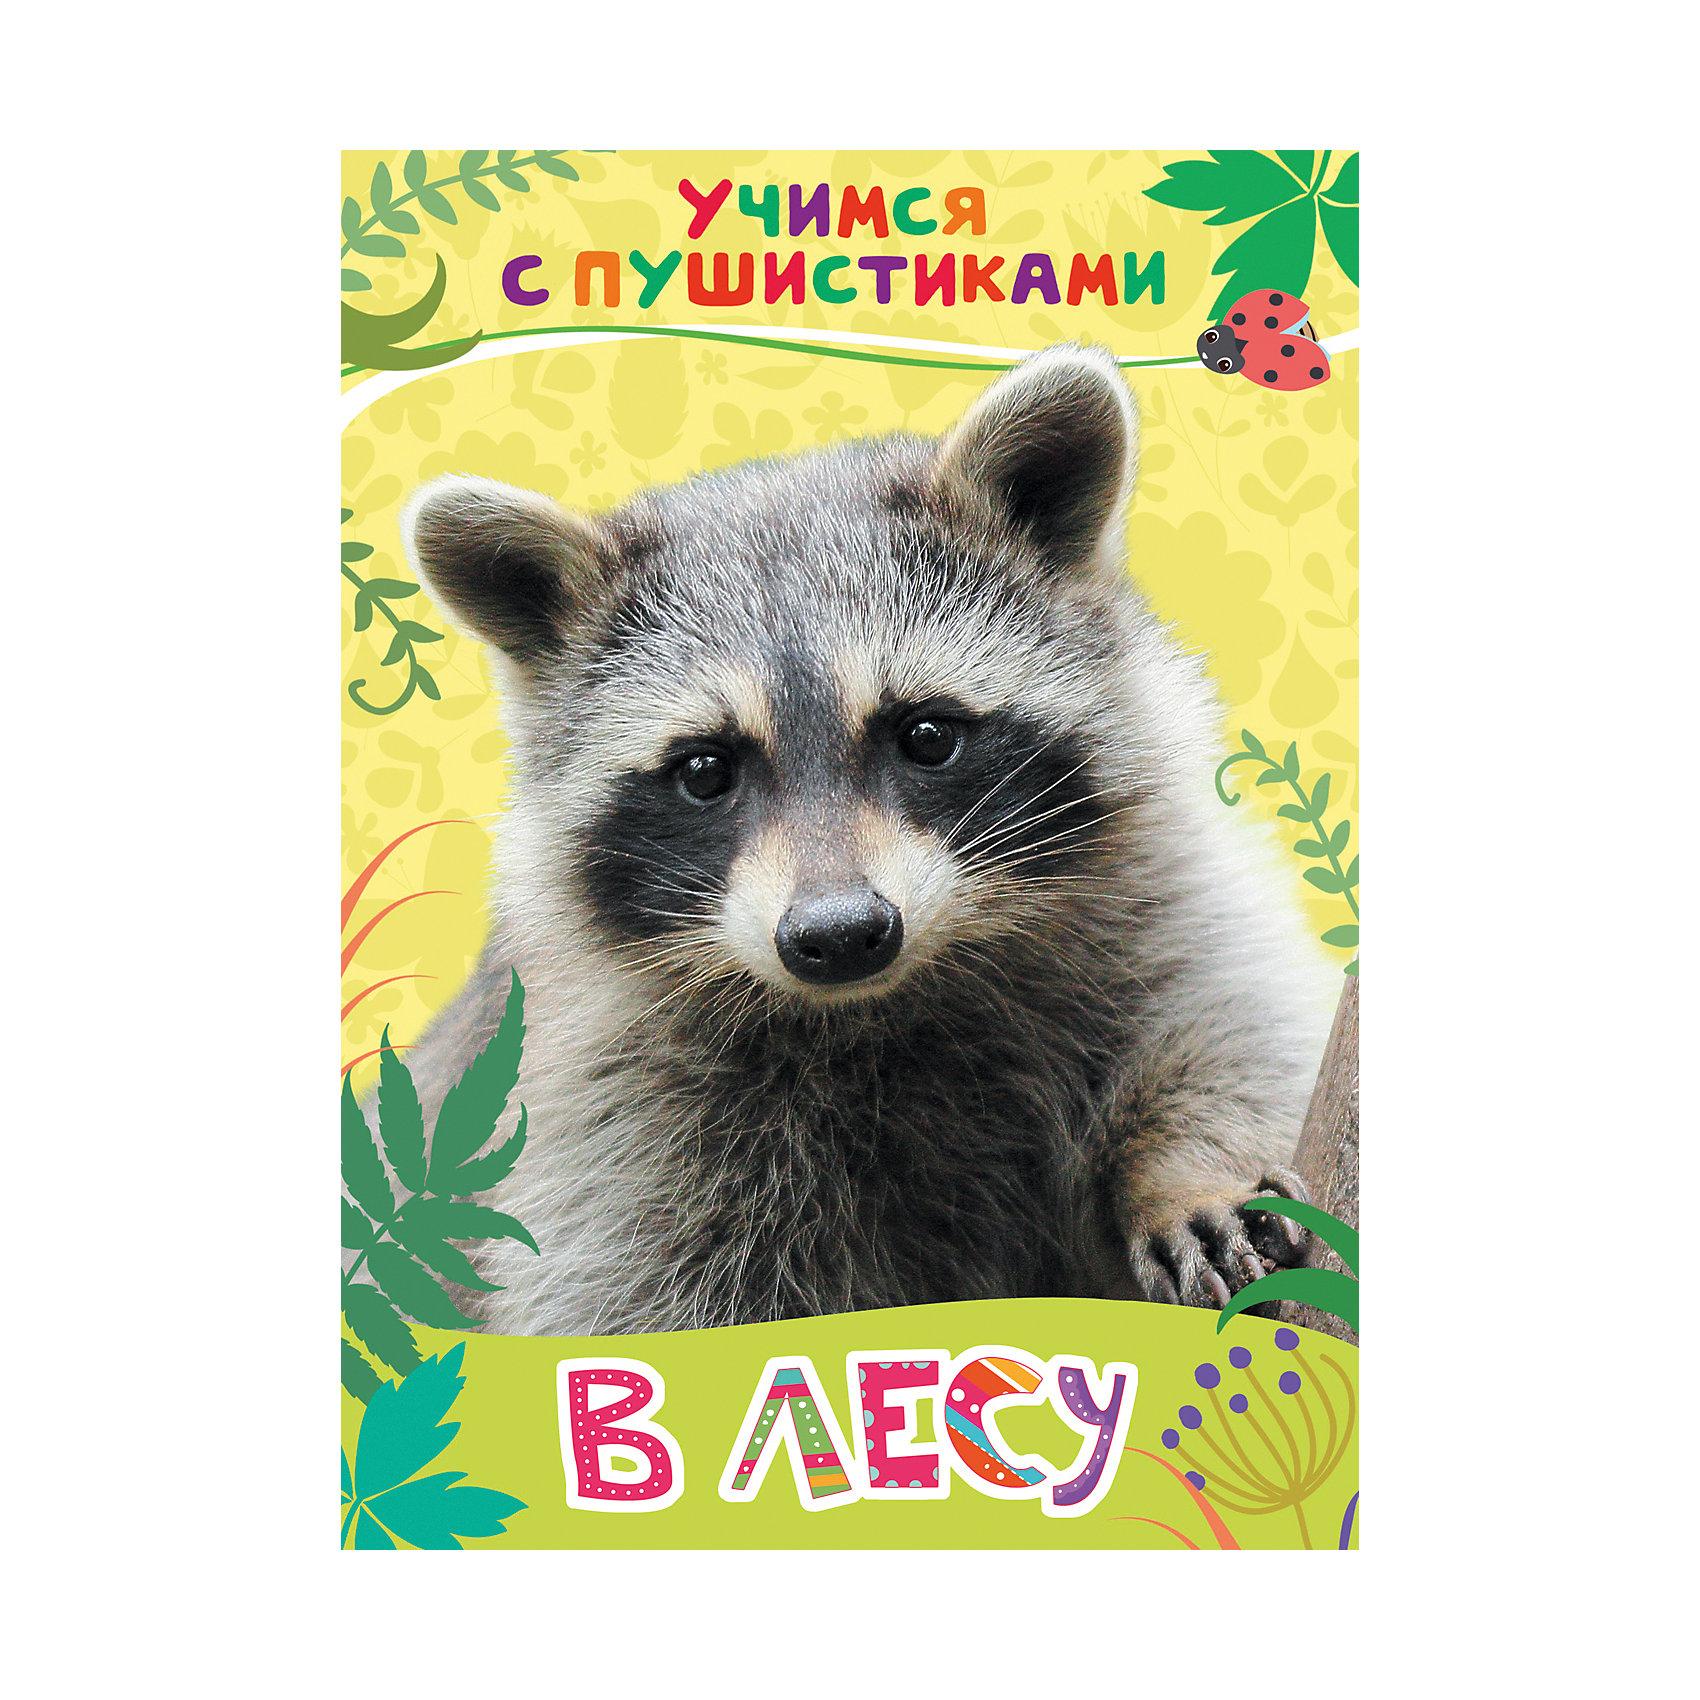 Стихи В лесу: учимся с пушистикамиЭнциклопедии для малышей<br>Стихи В лесу. Учимся с пушистиками<br><br>Характеристики:<br><br>• ISBN: 9785353081531<br>• Количество страниц: 8<br>• Формат: А4<br>• Обложка: твердая <br>• Материал: картон<br><br>Эта книга расскажет вашему ребенку об обитателях российского леса - лисах, ежах, енотах, белках и многих других удивительных животных, которых можно встретить на обычной прогулке за городом. Книга снабжена красочными фотографиями, рассматривая которые, ваш ребенок сможет ознакомиться с тем, как выглядят все эти звери. А занимательные стихи современной поэтессы - Галины Дядиной расскажут детям о том, как живут и как ведут себя эти удивительные создания.<br><br>Стихи В лесу. Учимся с пушистиками можно купить в нашем интернет-магазине.<br><br>Ширина мм: 218<br>Глубина мм: 159<br>Высота мм: 40<br>Вес г: 110<br>Возраст от месяцев: -2147483648<br>Возраст до месяцев: 2147483647<br>Пол: Унисекс<br>Возраст: Детский<br>SKU: 5507118